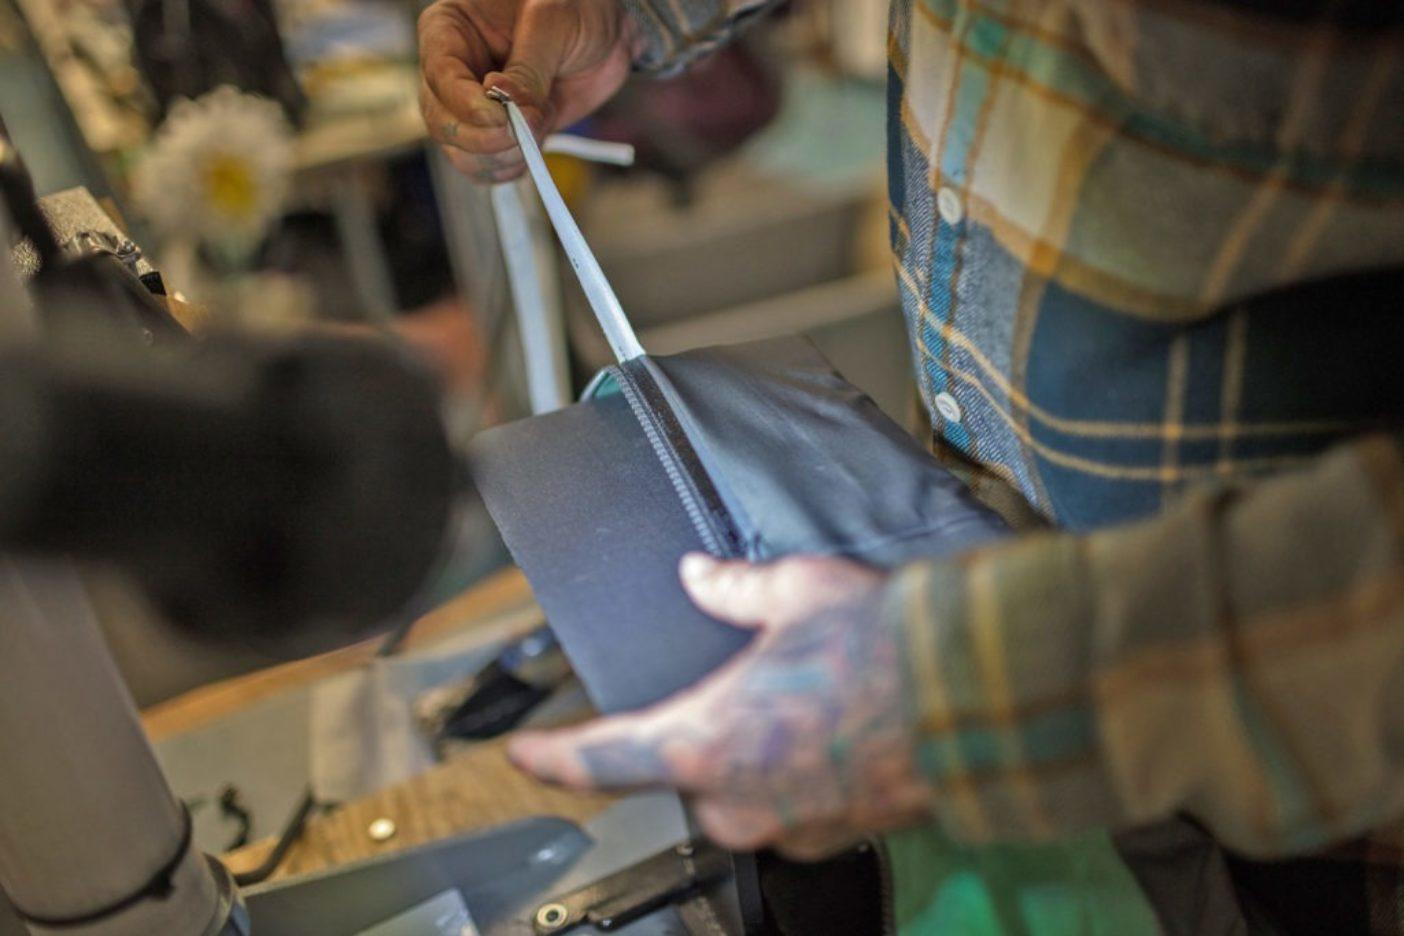 ジオ・ナイトのヒートプレス機で温めてから緩ませたあと、パウスレイヤー・ジャケットのジッパーの裏地から防水処理テープをはがすアンディ・クック。Photo: Tim Davis